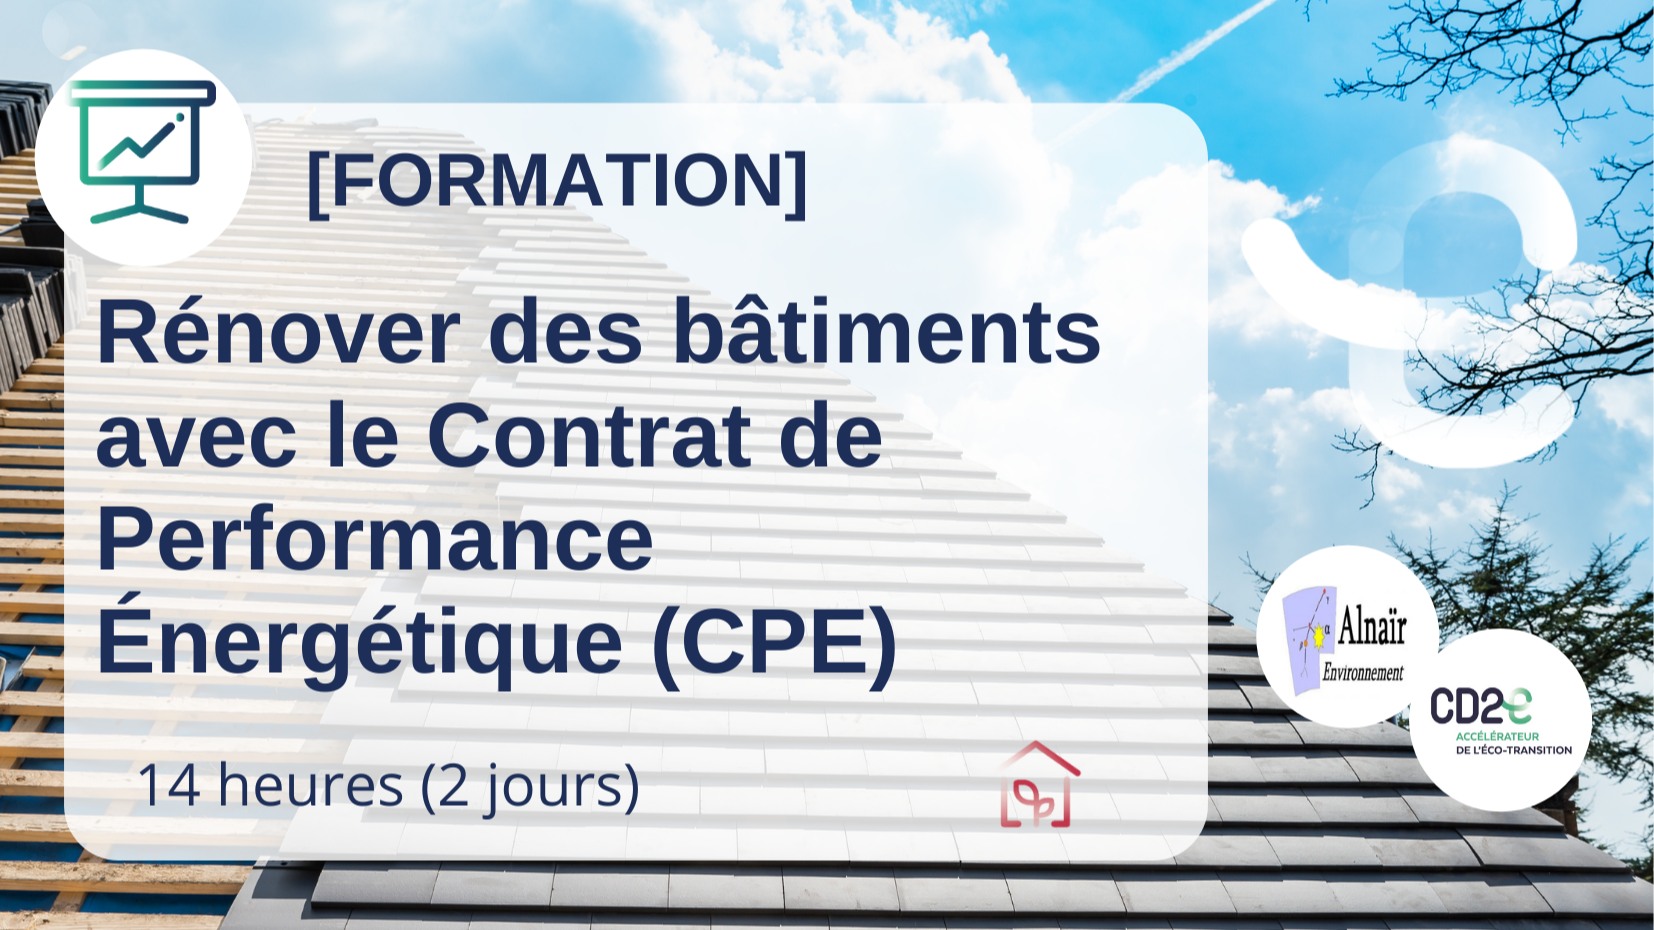 Représentation de la formation : CPE - Rénover des bâtiments avec le contrat de performance énergétique